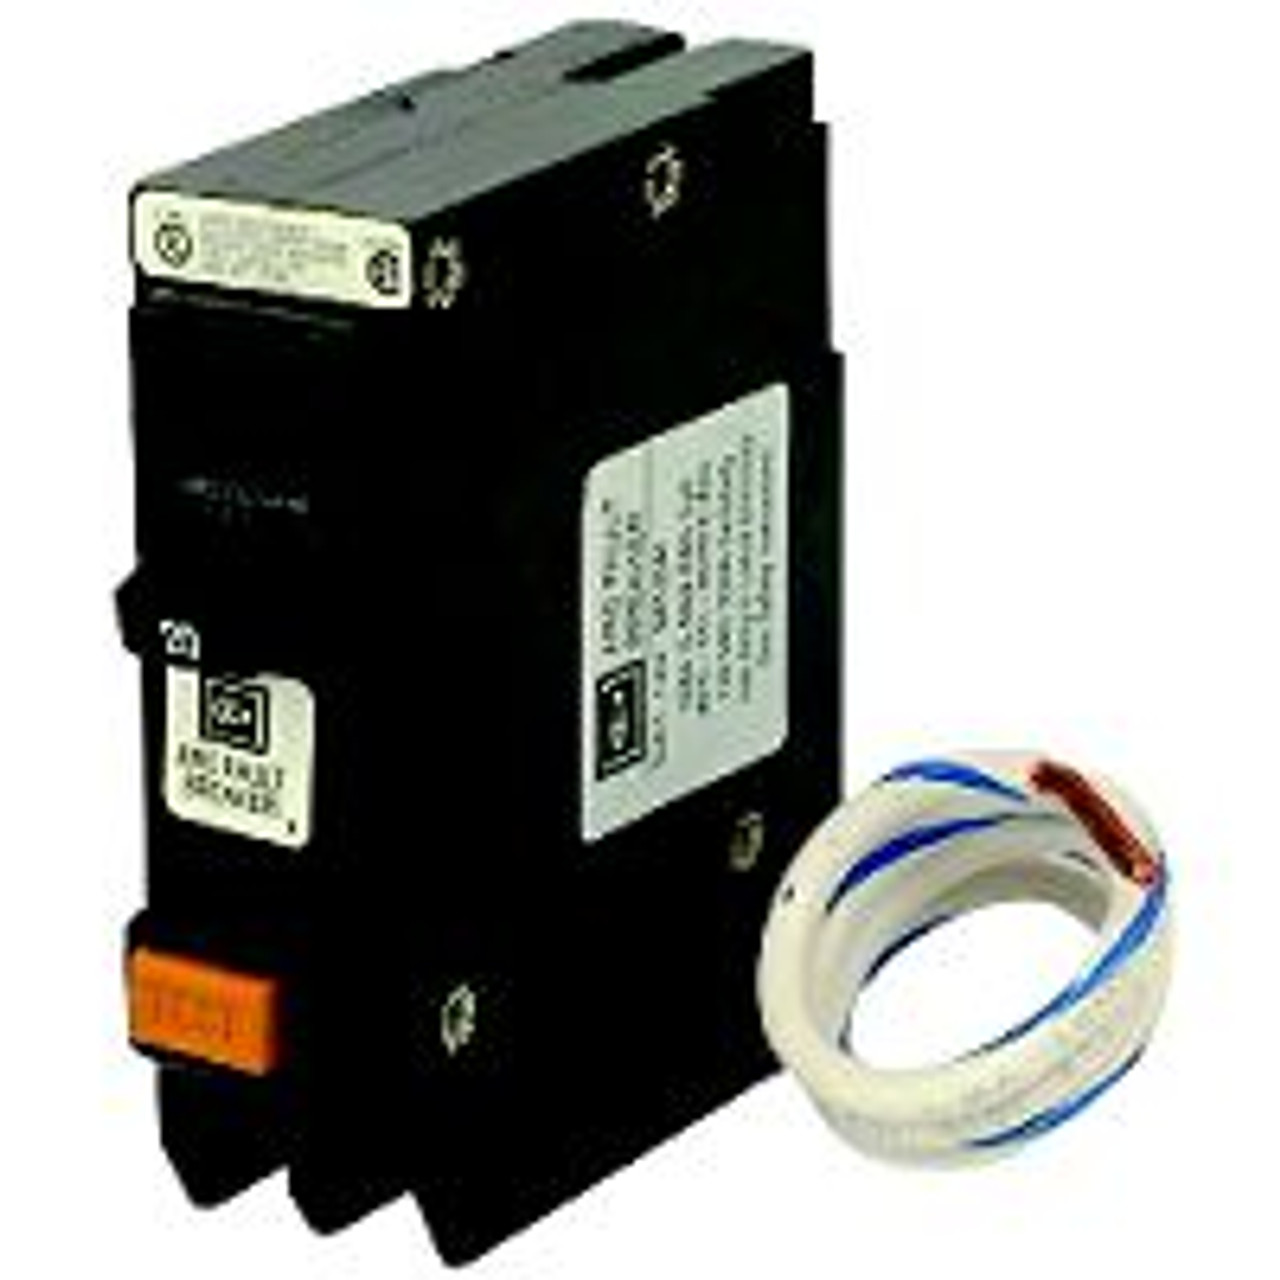 Cutler Hammer BRN120AF 1 Pole 20 Amp 120/240V Arc Fault Combo Circuit Breaker - New